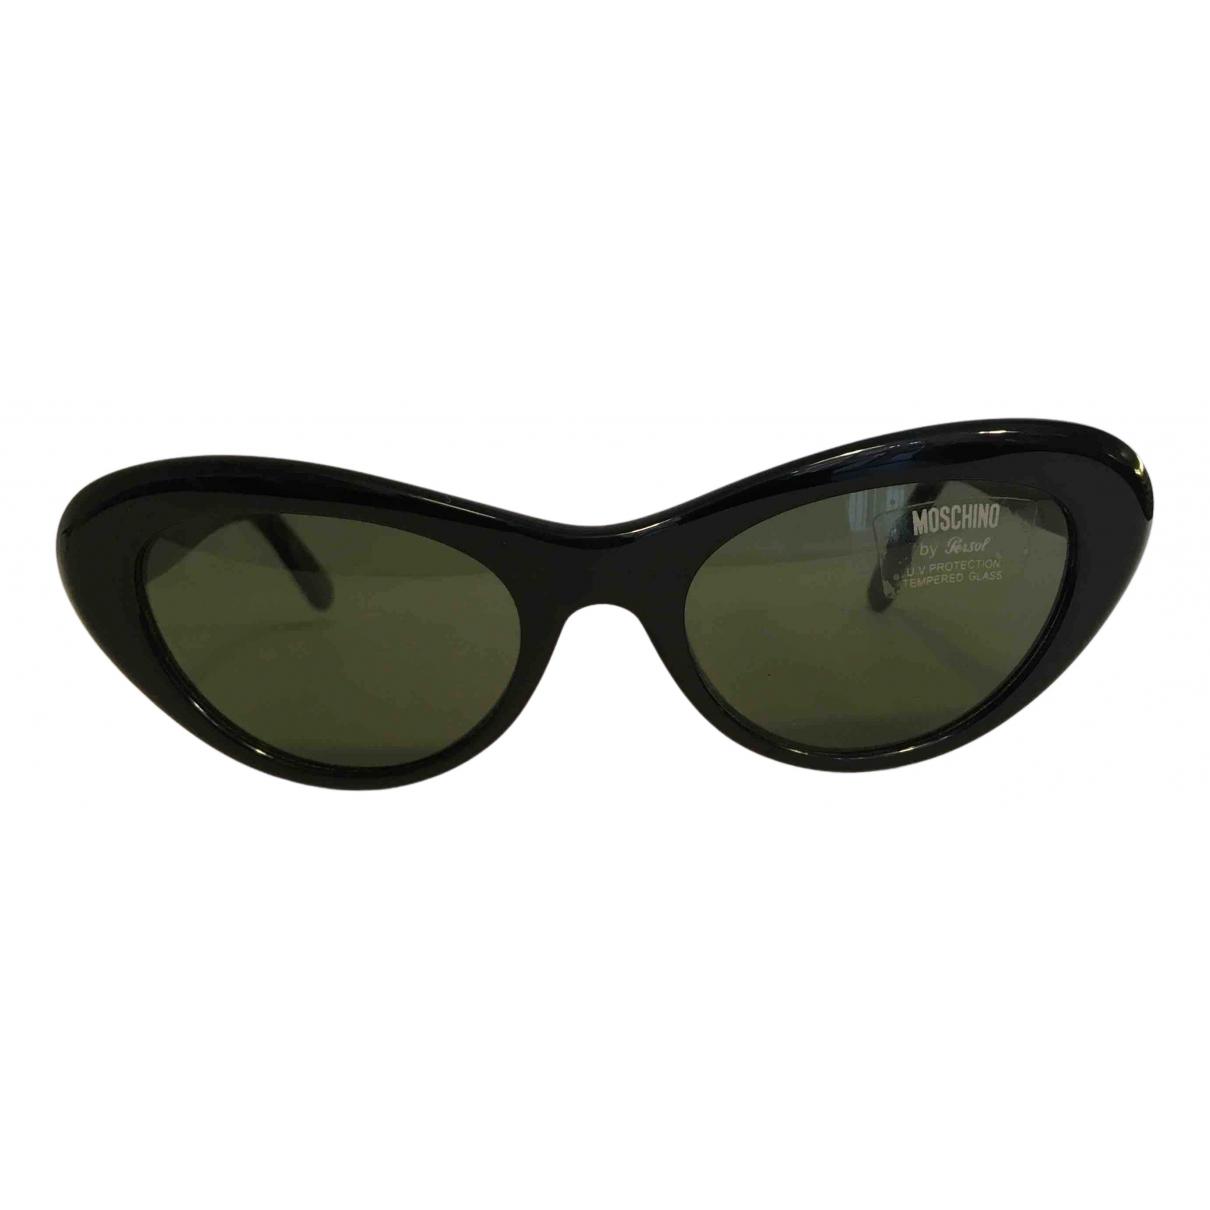 Moschino N Black Sunglasses for Women N